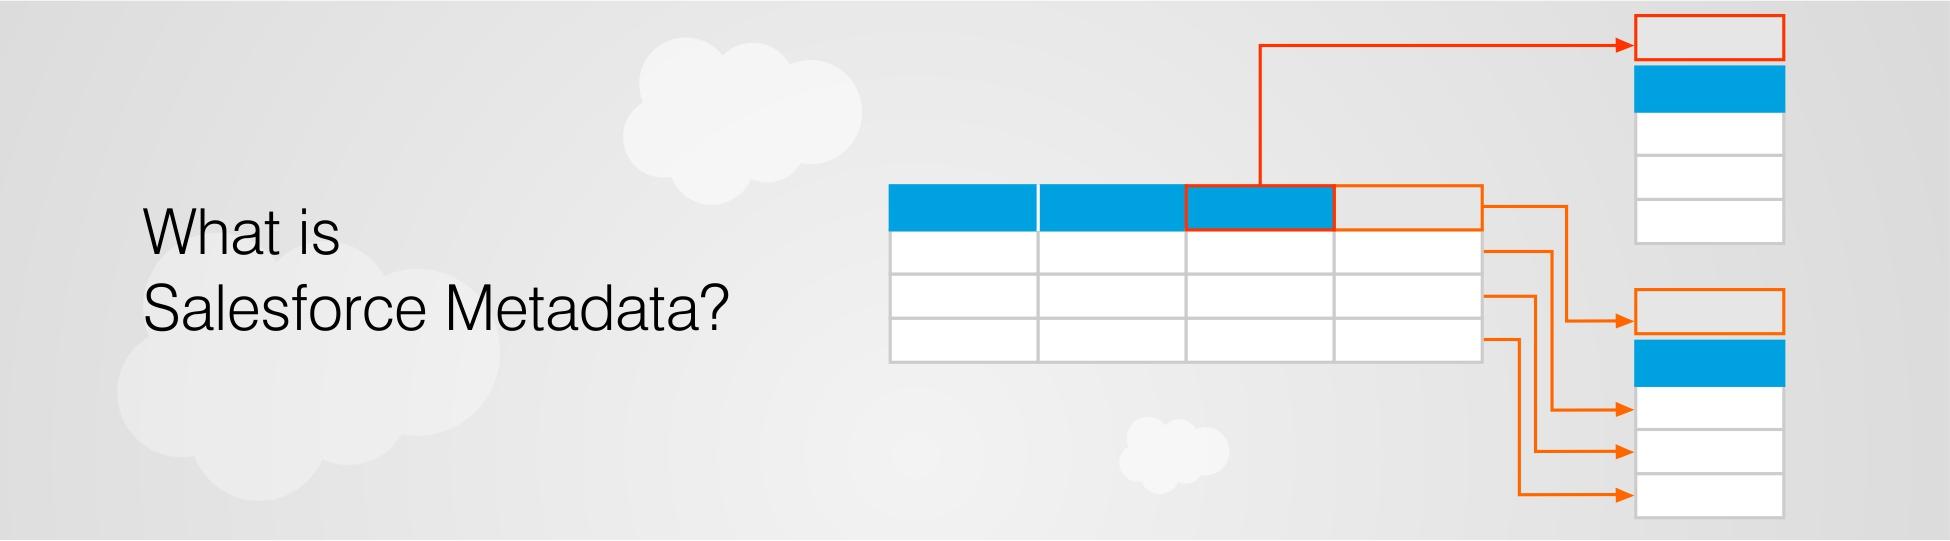 What Is Salesforce Metadata?